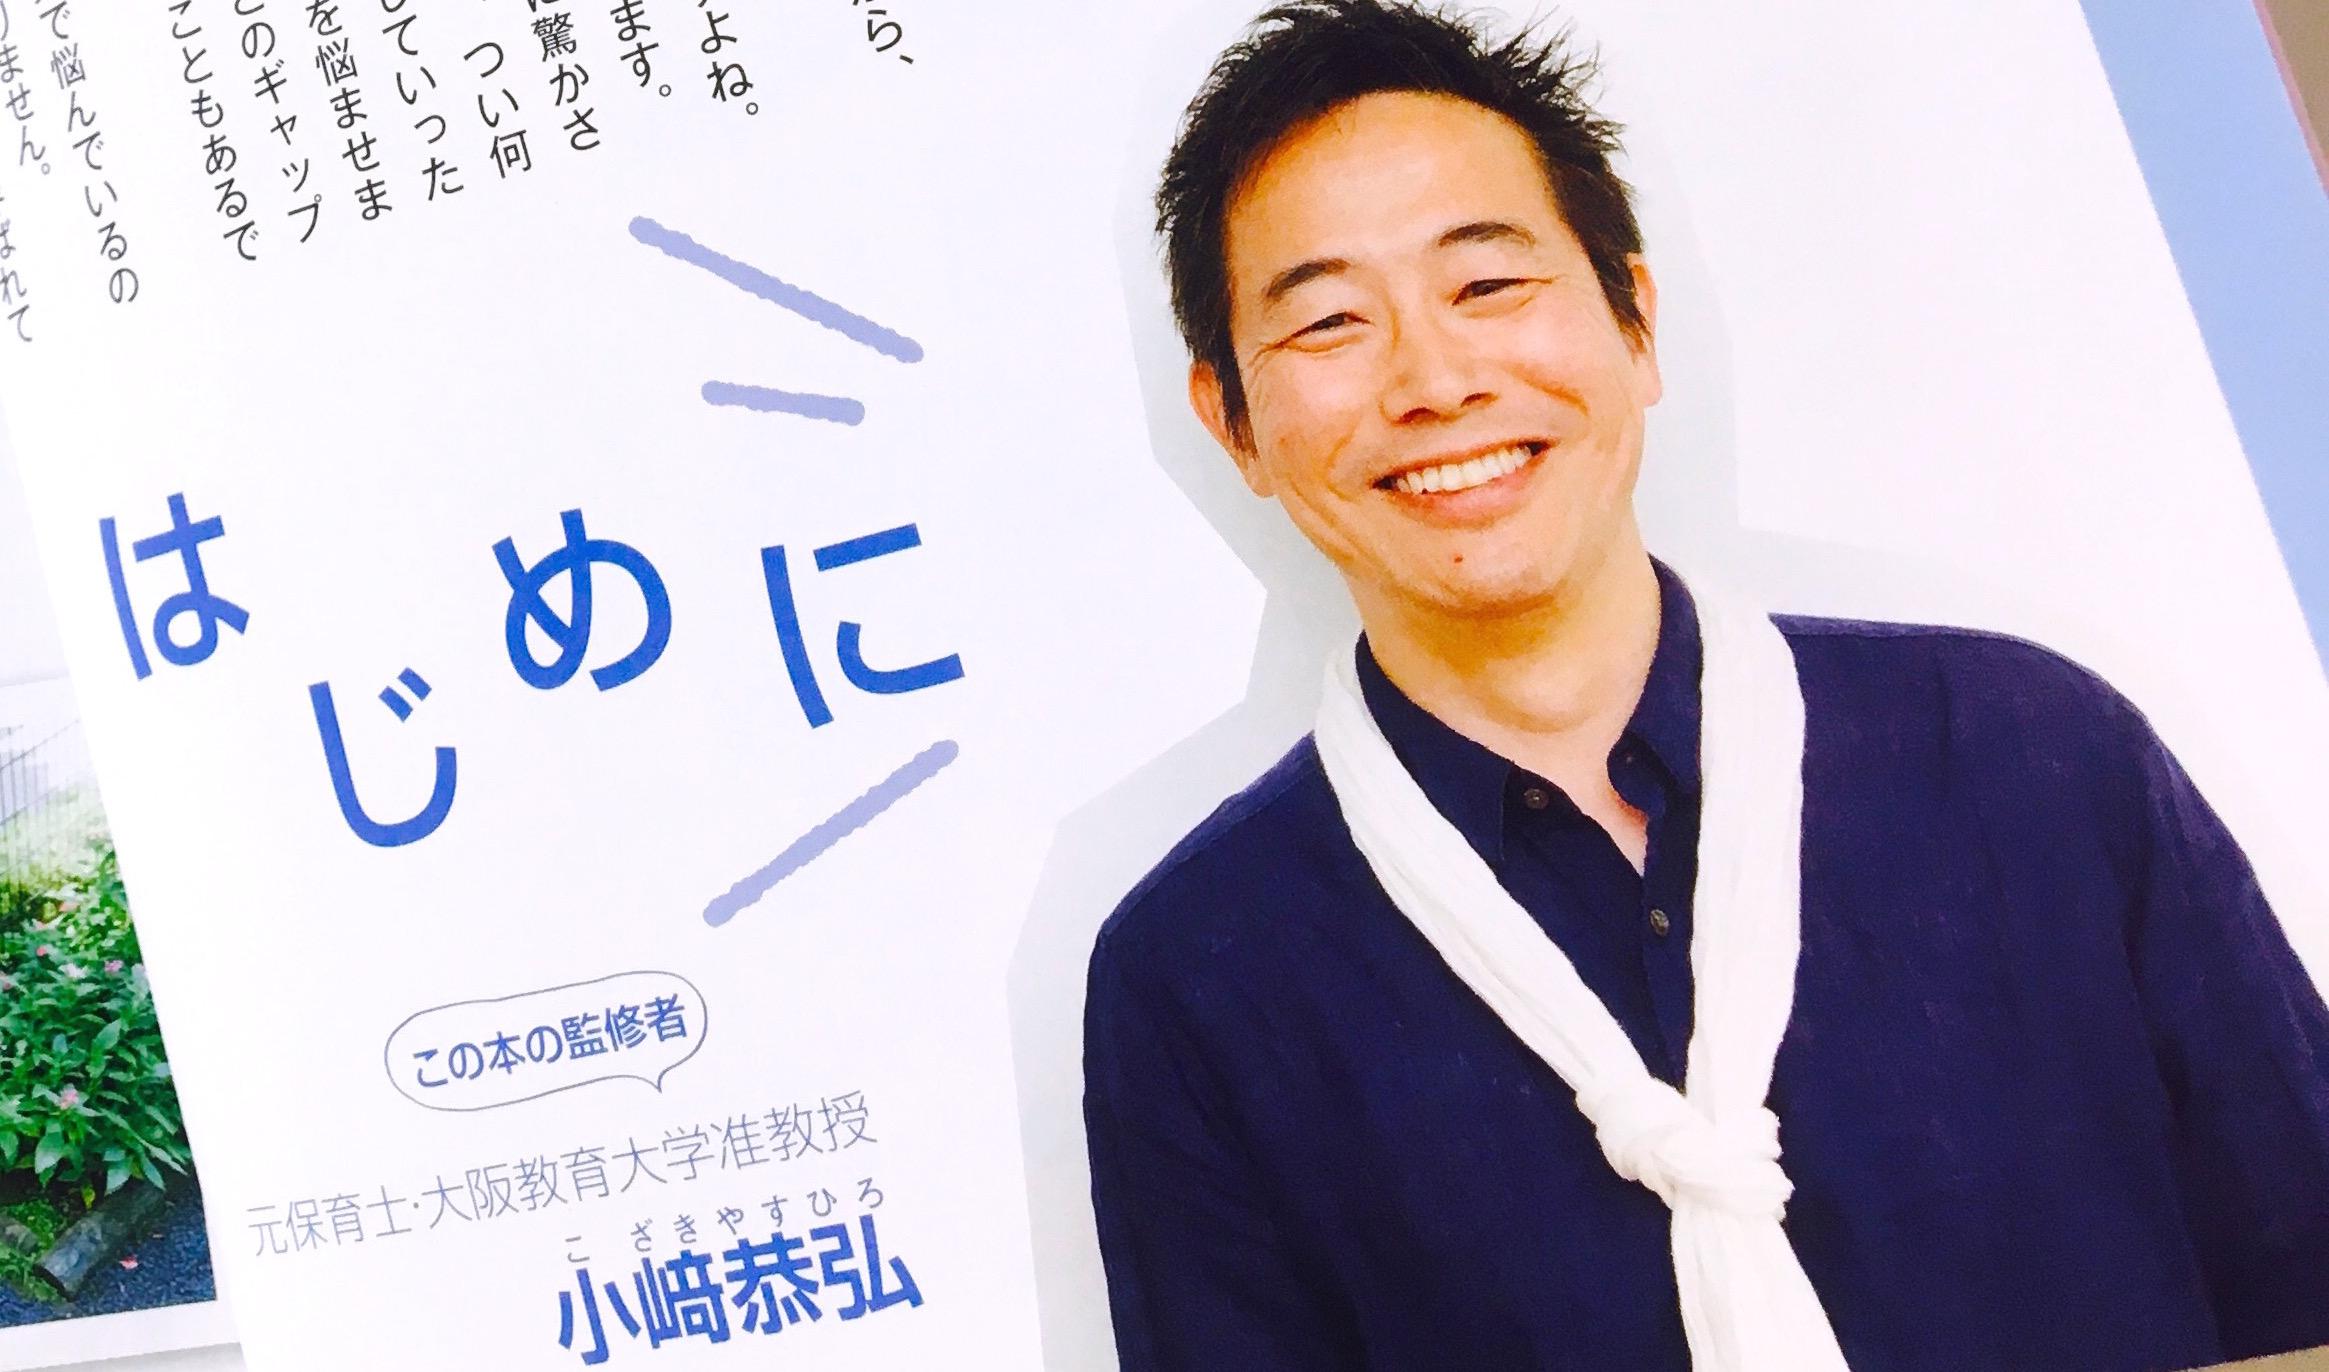 教えて、小崎先生!男の子はどうして?こうなの? 〜11月29日(いい肉の日)は YOKOMAHAMA KOZAKI DAY !